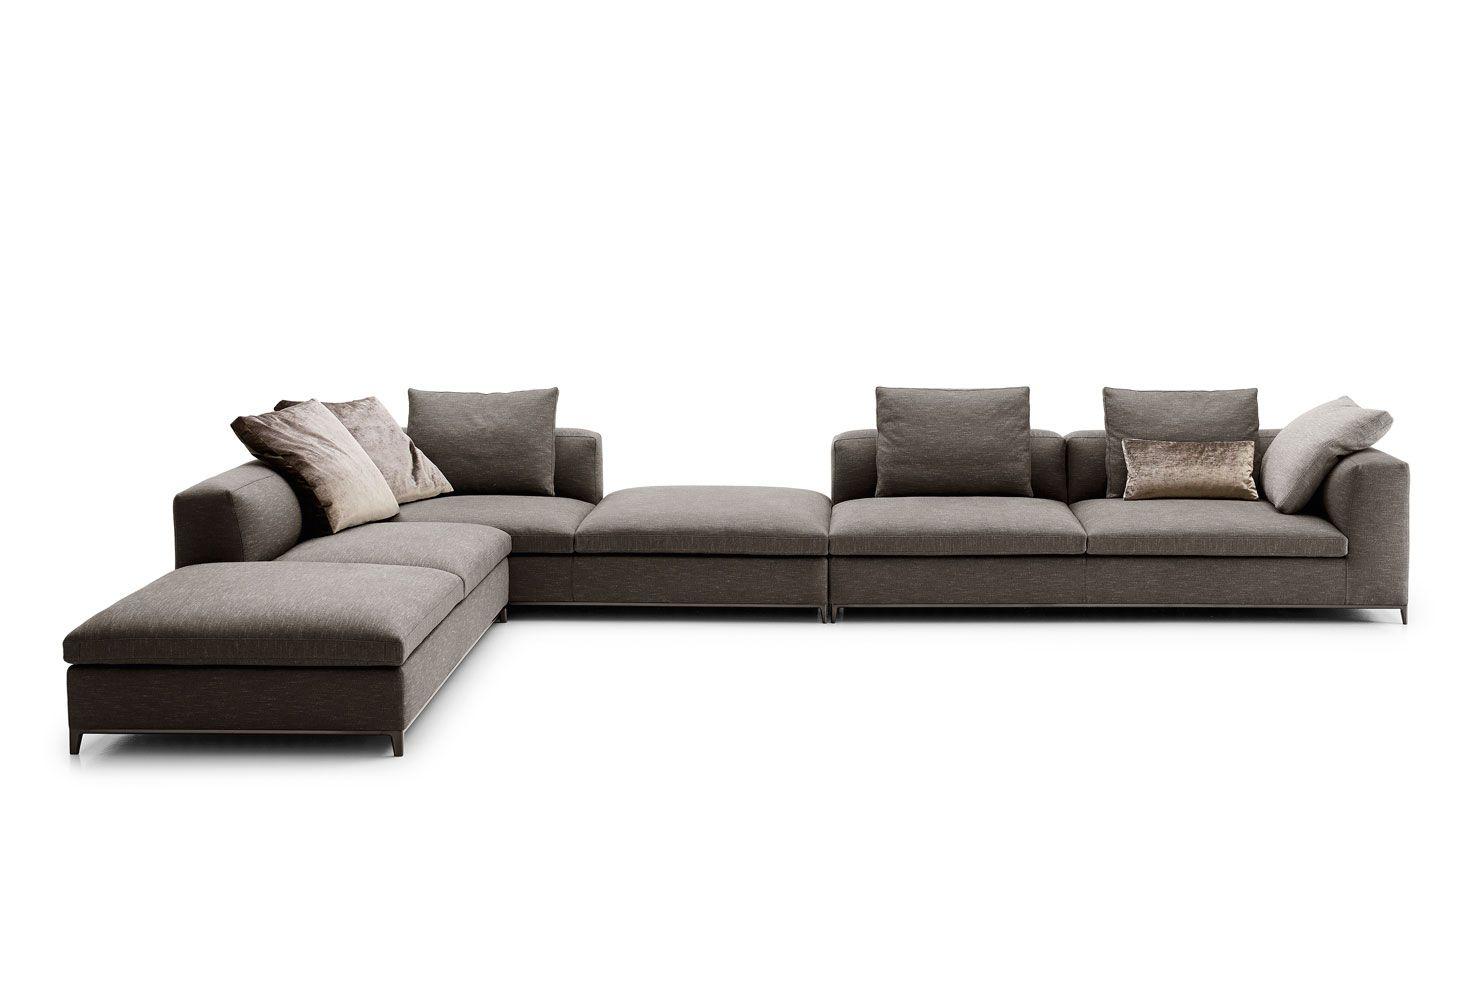 Sofa michel club collection b b italia design for Mobilia italia